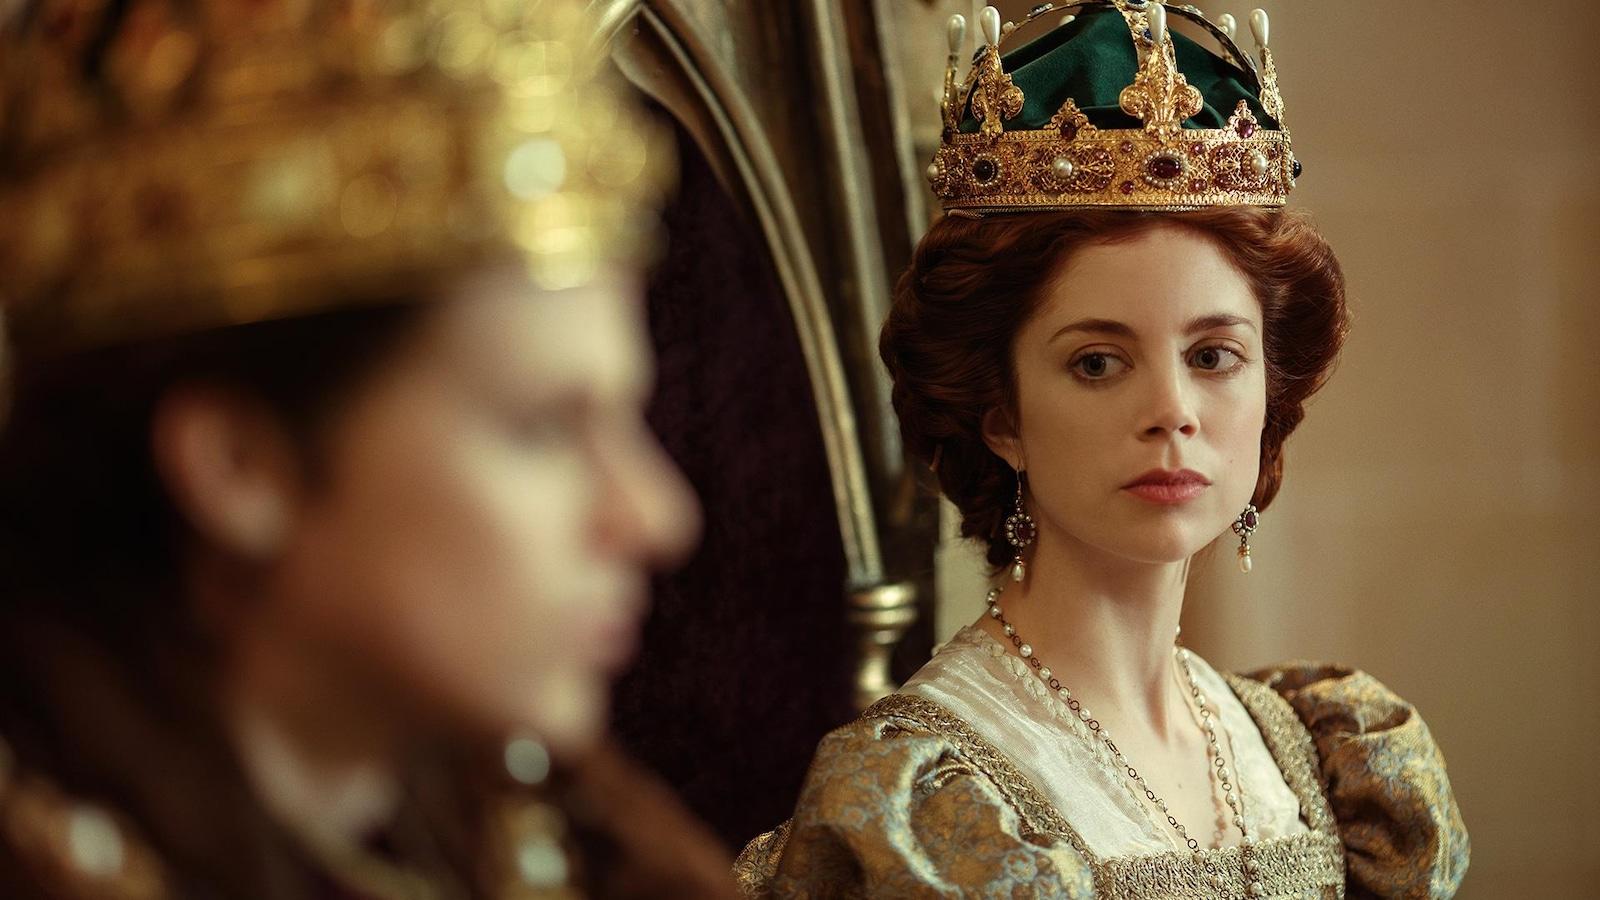 Une femme avec une couronne sur la tête regarde une autre.